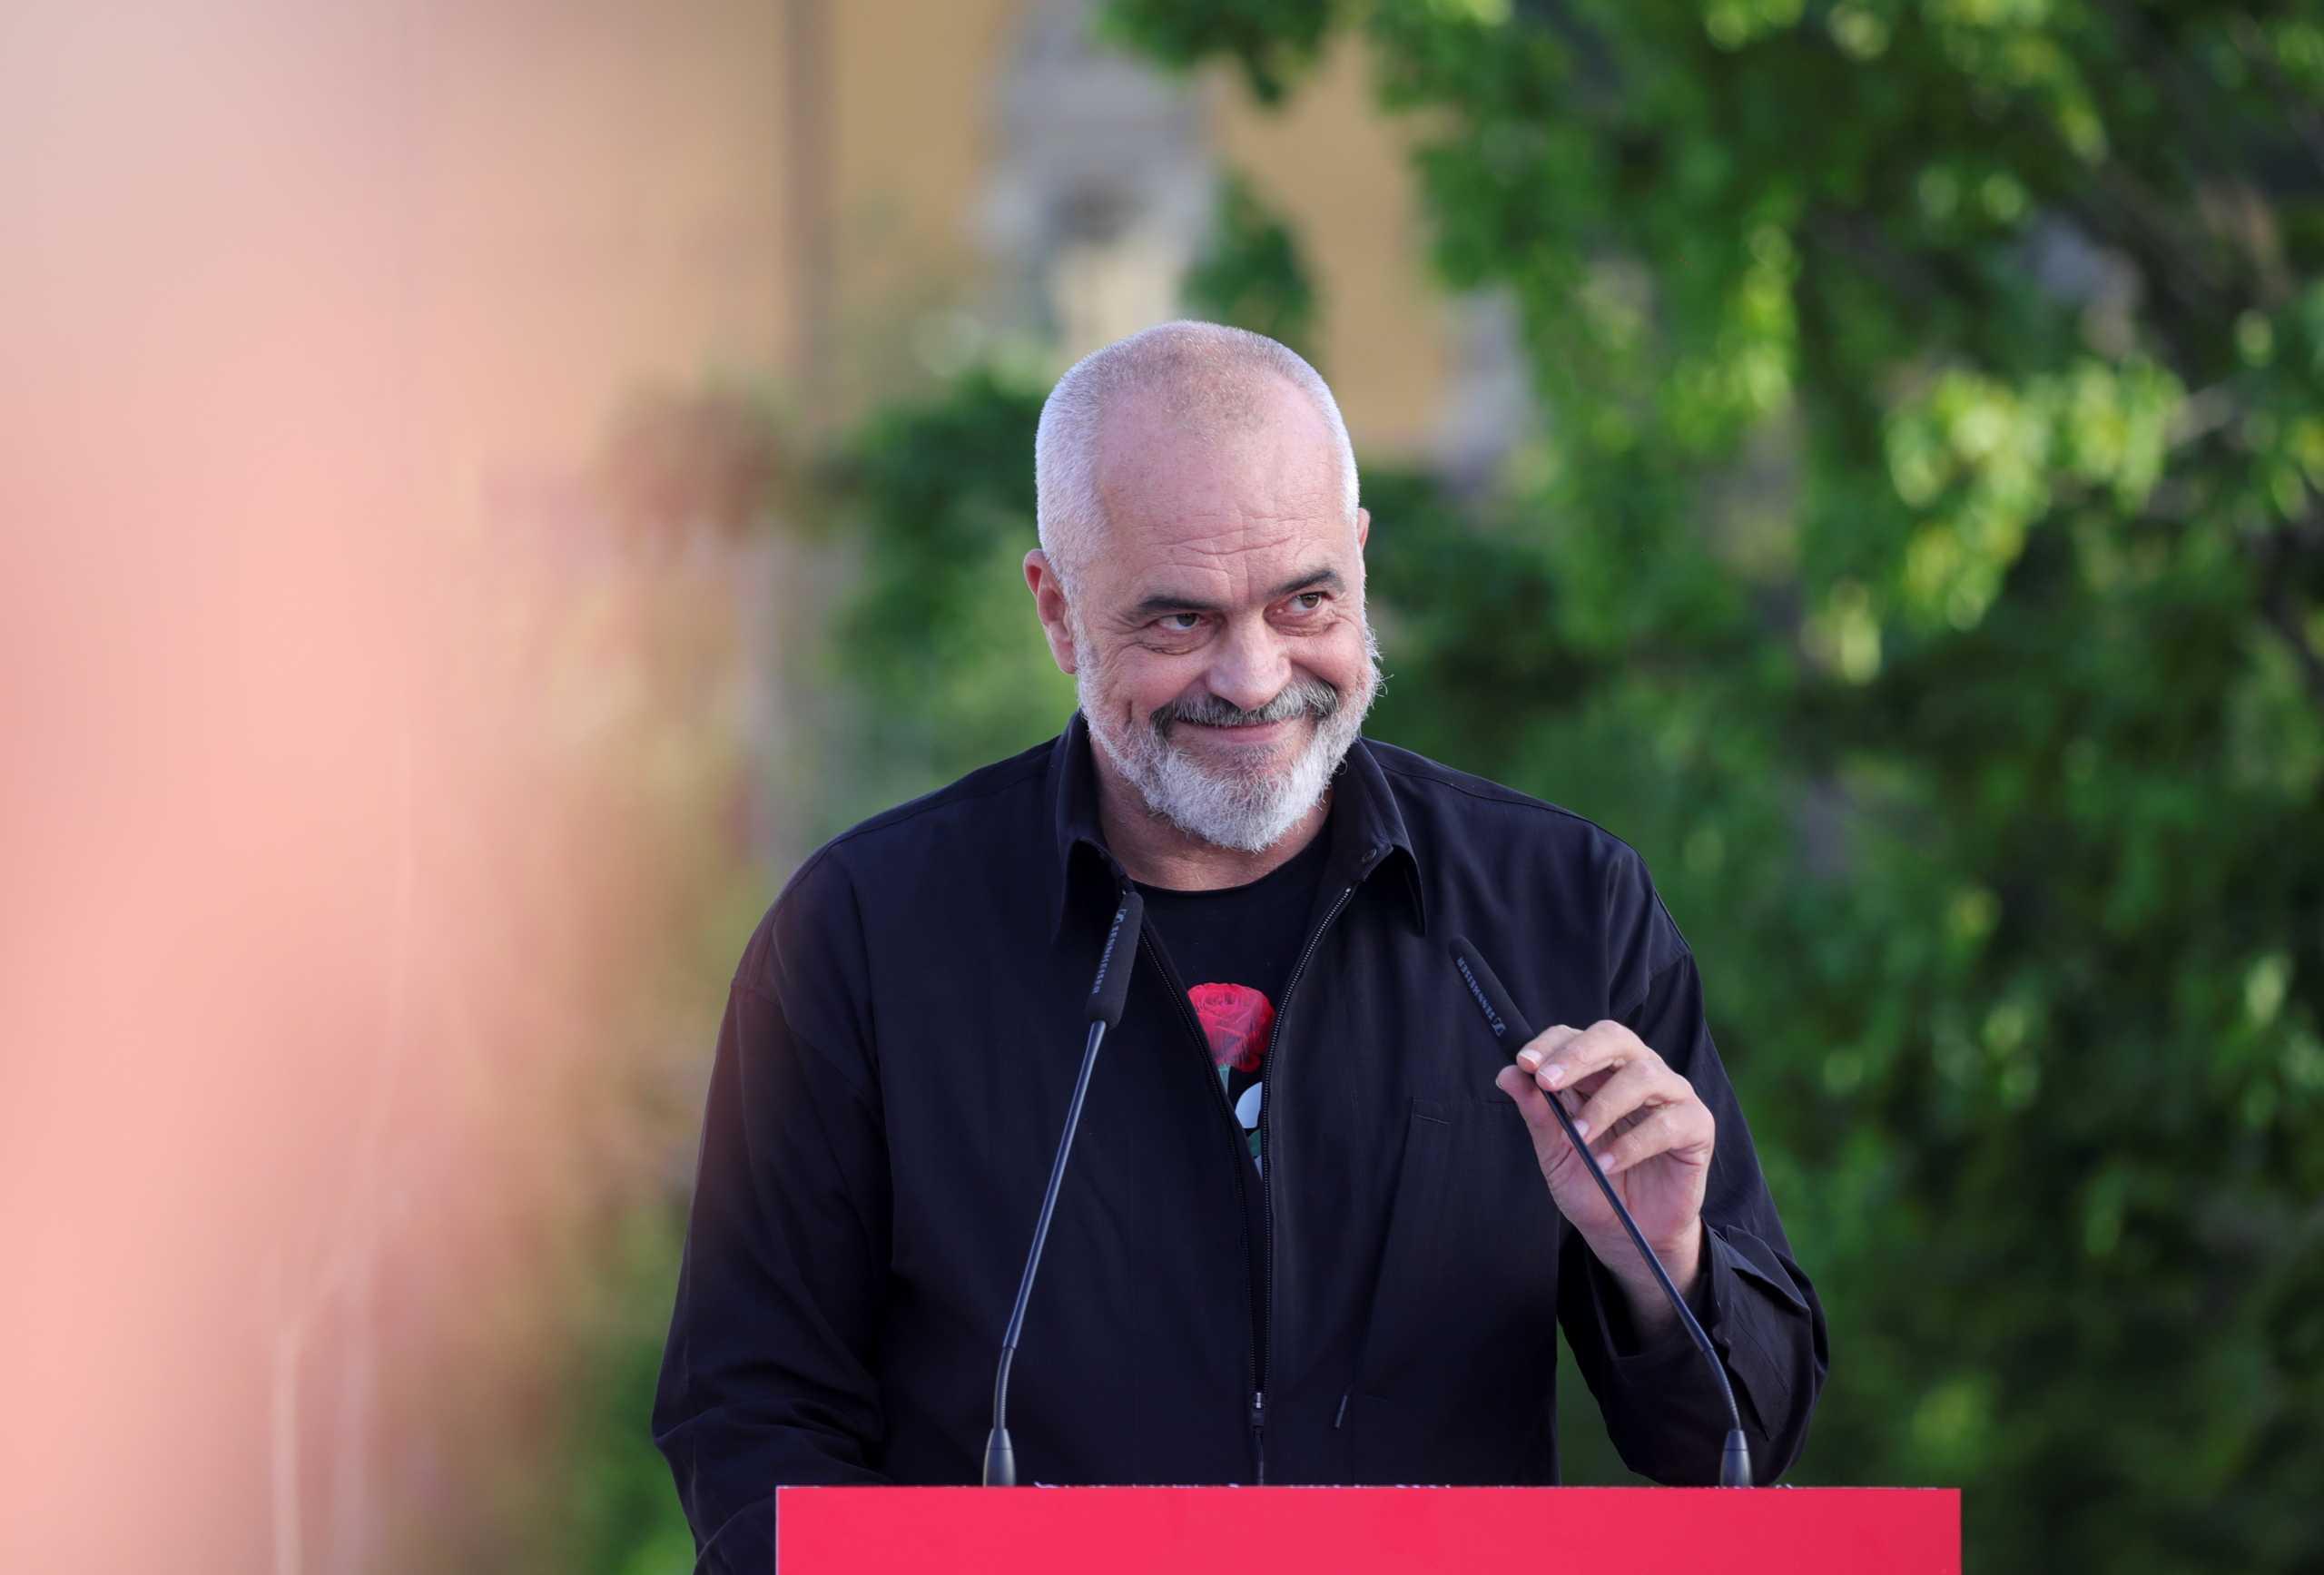 Αλβανία: Η «εκλογική σφαγή» και η καθαίρεση του Προέδρου της χώρας